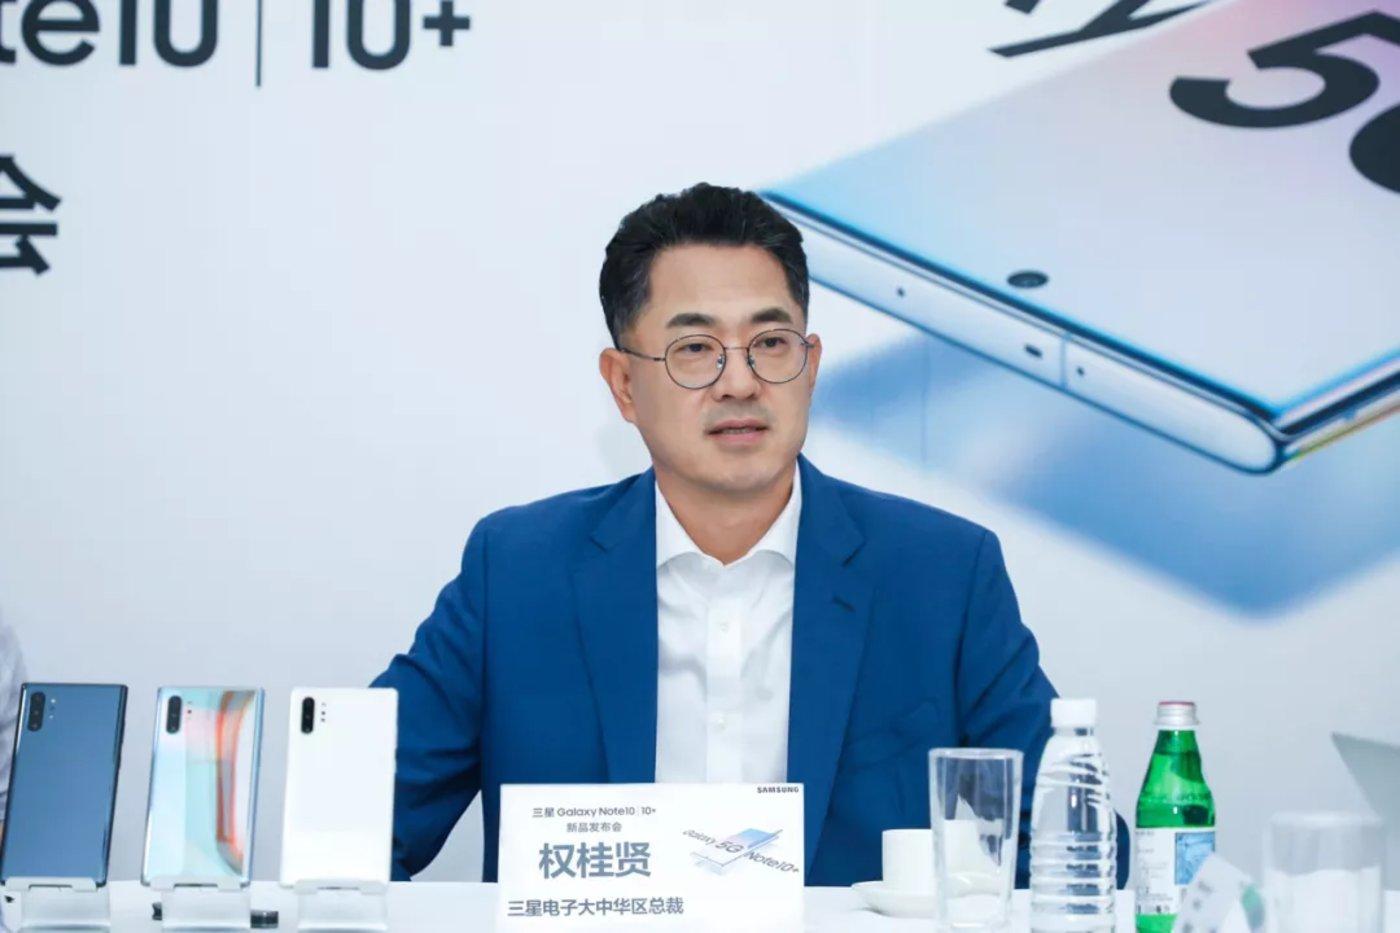 三星电子大中华区总裁权桂贤 图源:网络